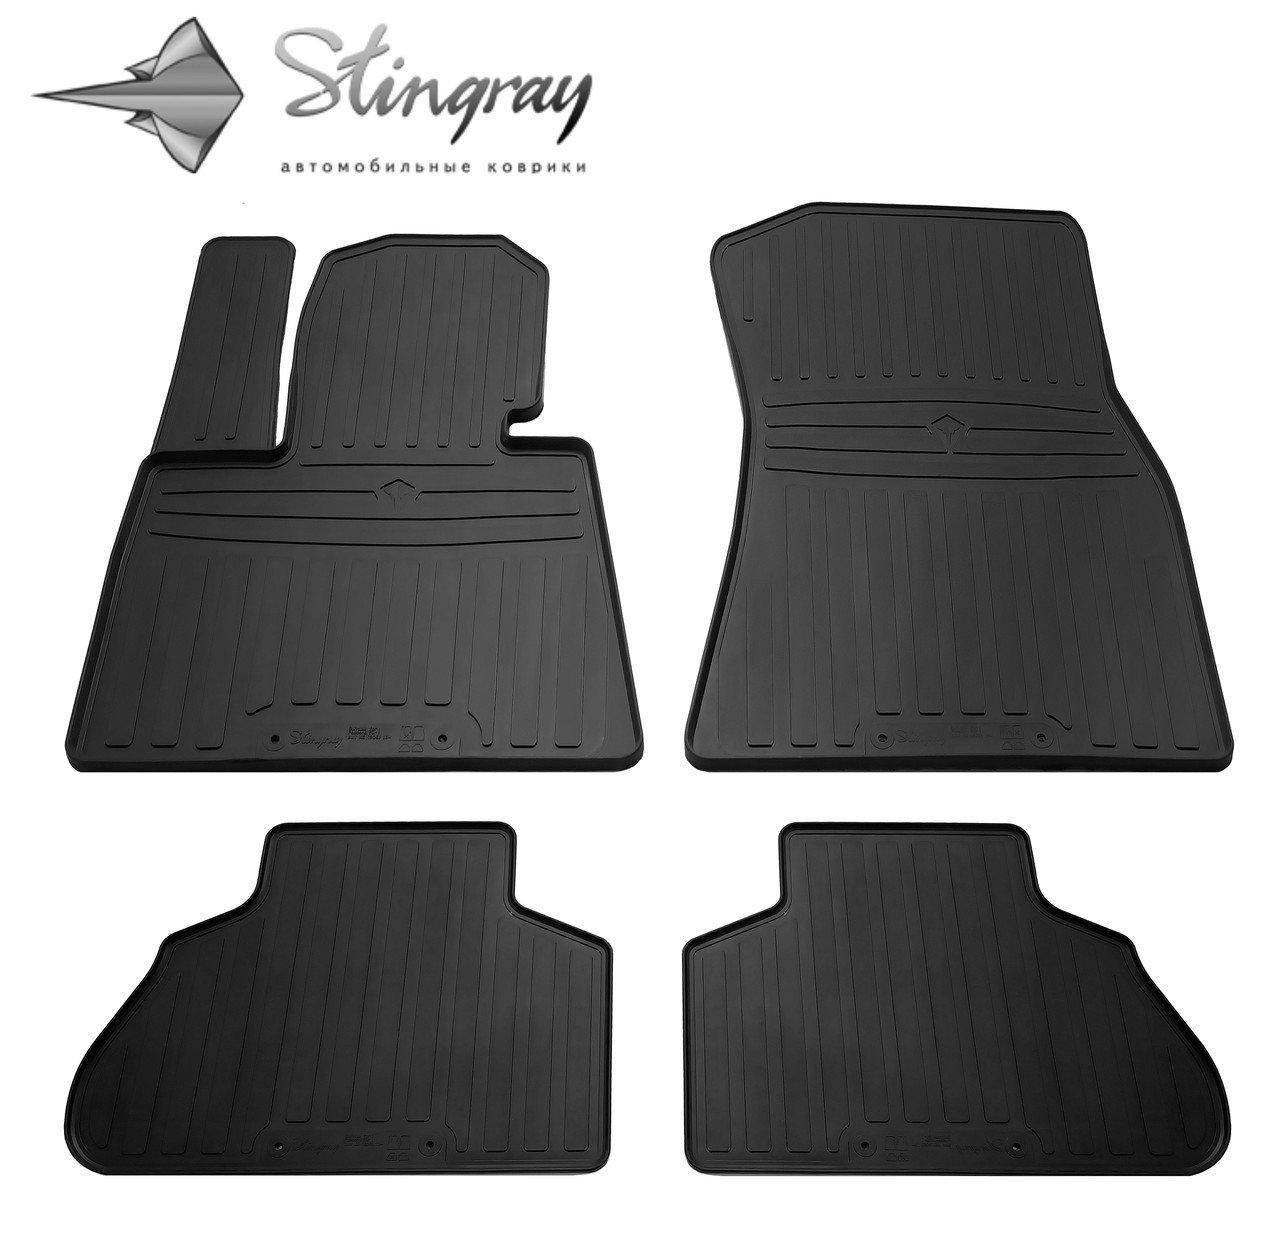 Автомобильные коврики BMW X5 (G05) 2018- Stingray